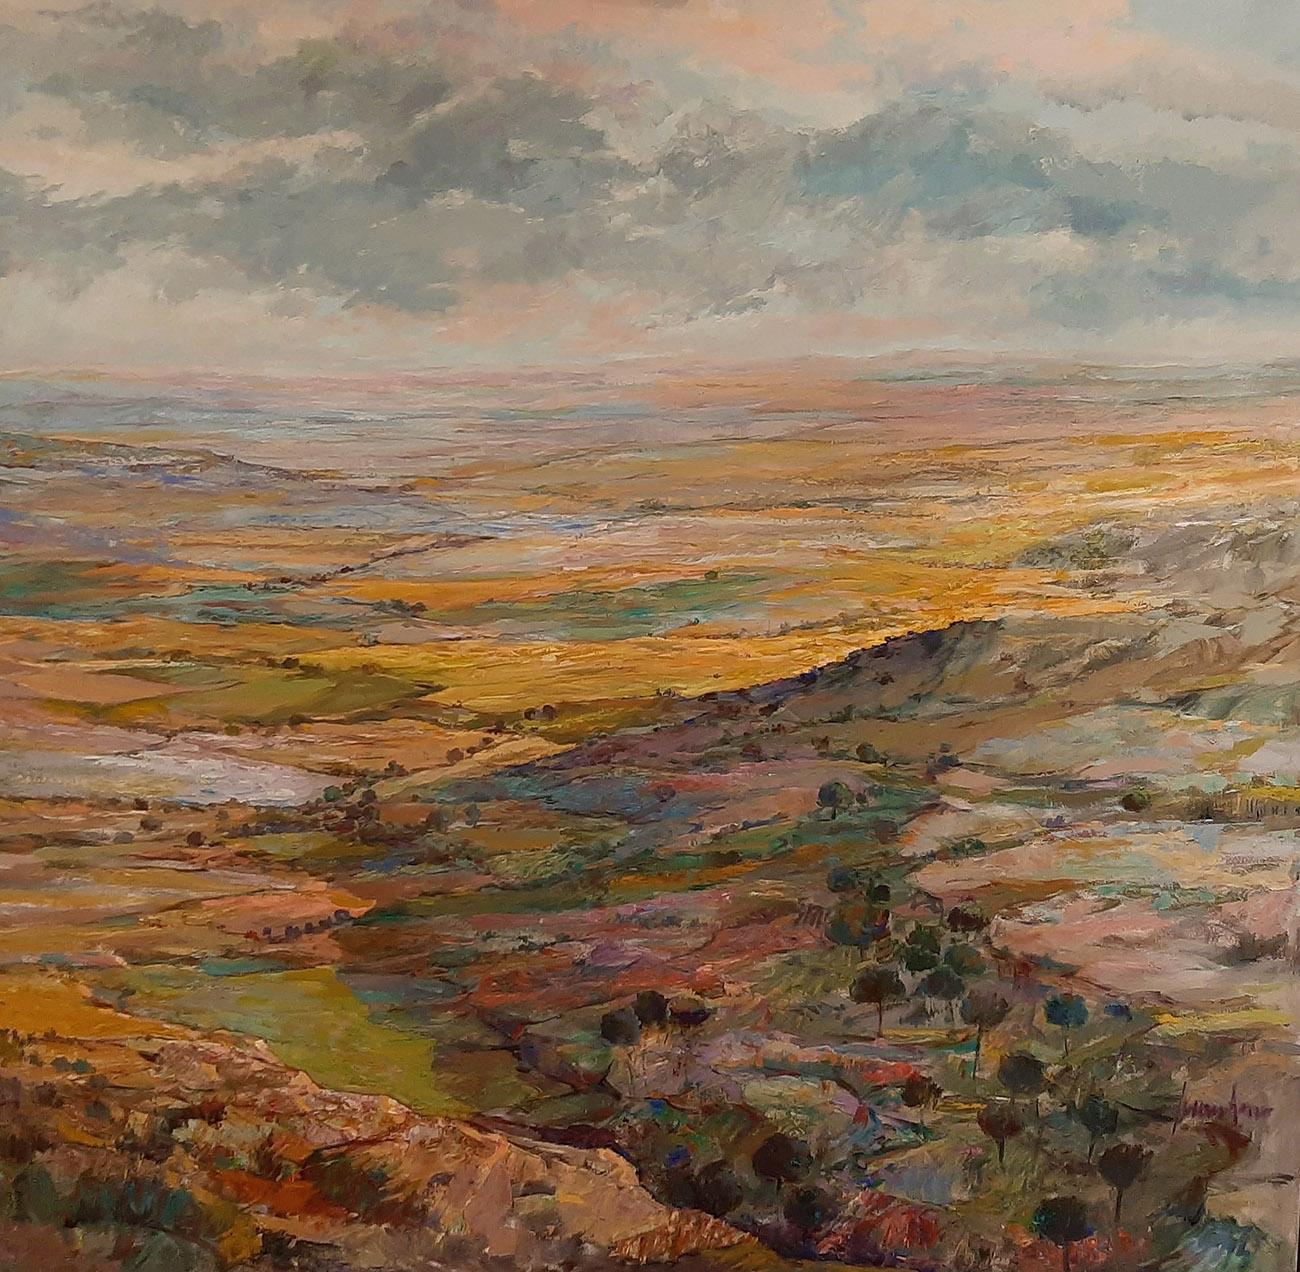 Juan Amo. (1997). La Mancha a vista de Pájaro. Óleo - Lienzo. 146 x 146. Colección Privada.